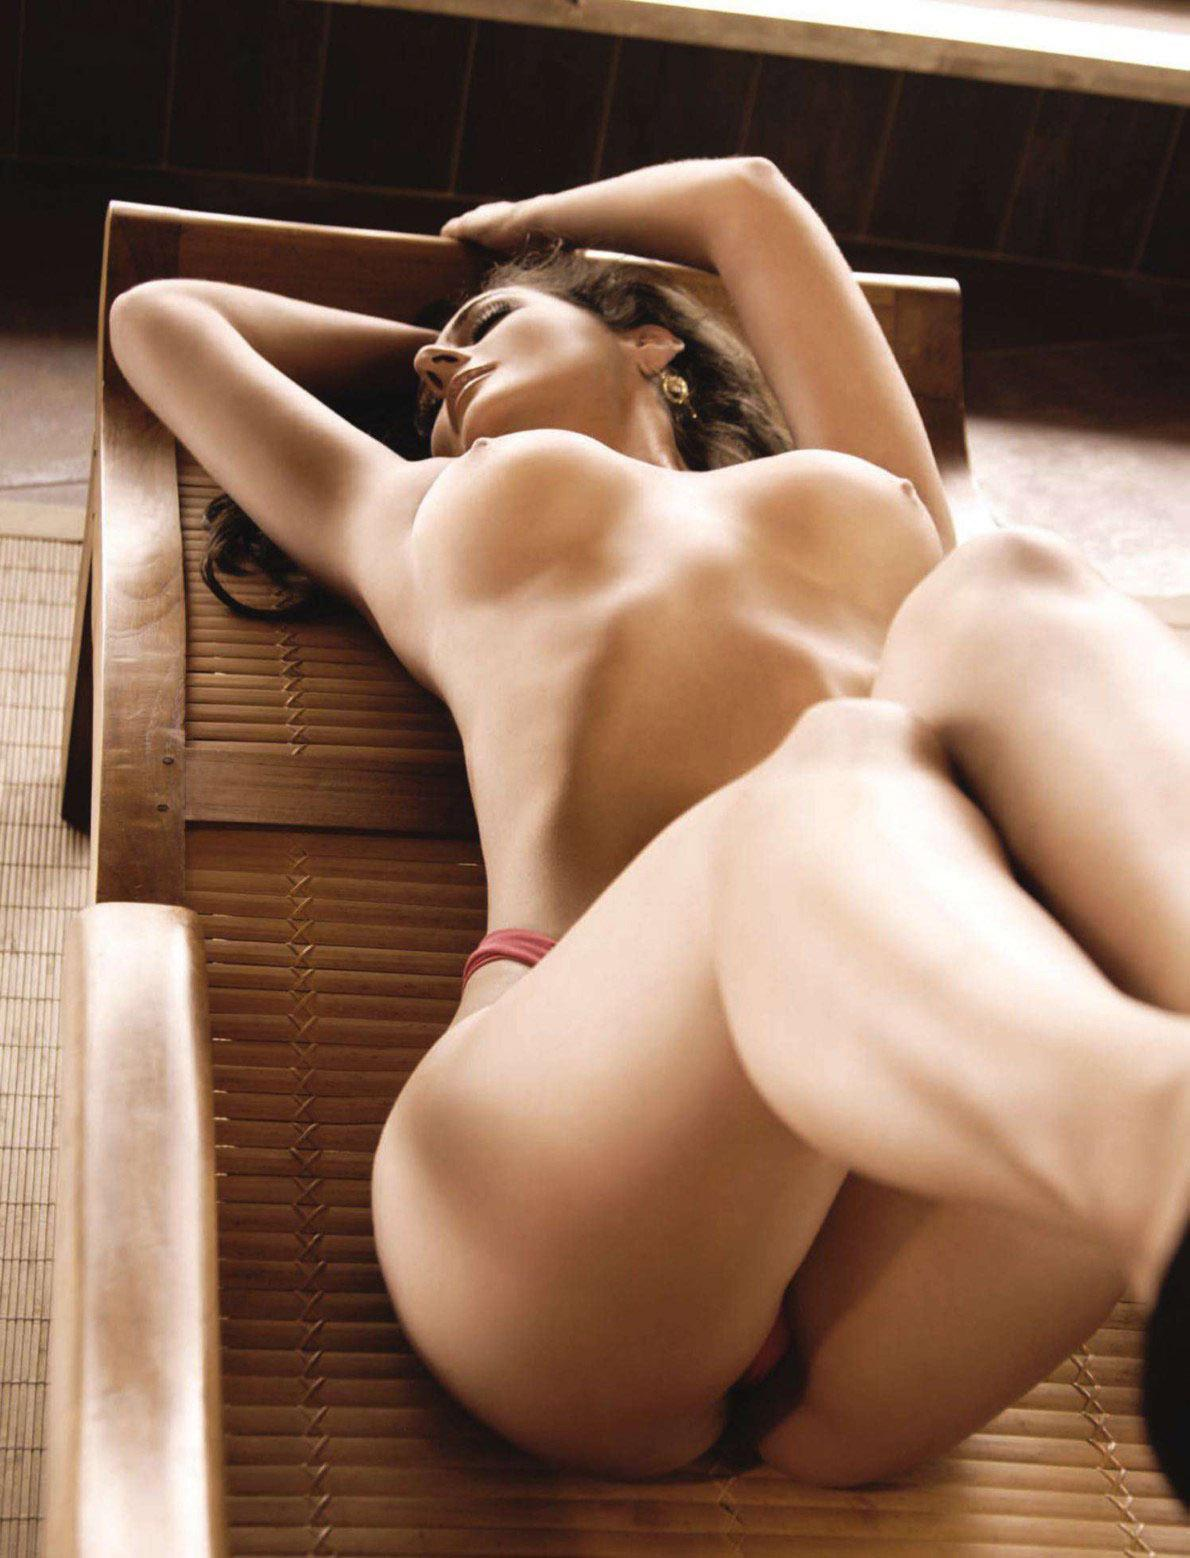 Andrea García Al Desnudo andrea garcía - page 2 pictures, naked, oops, topless